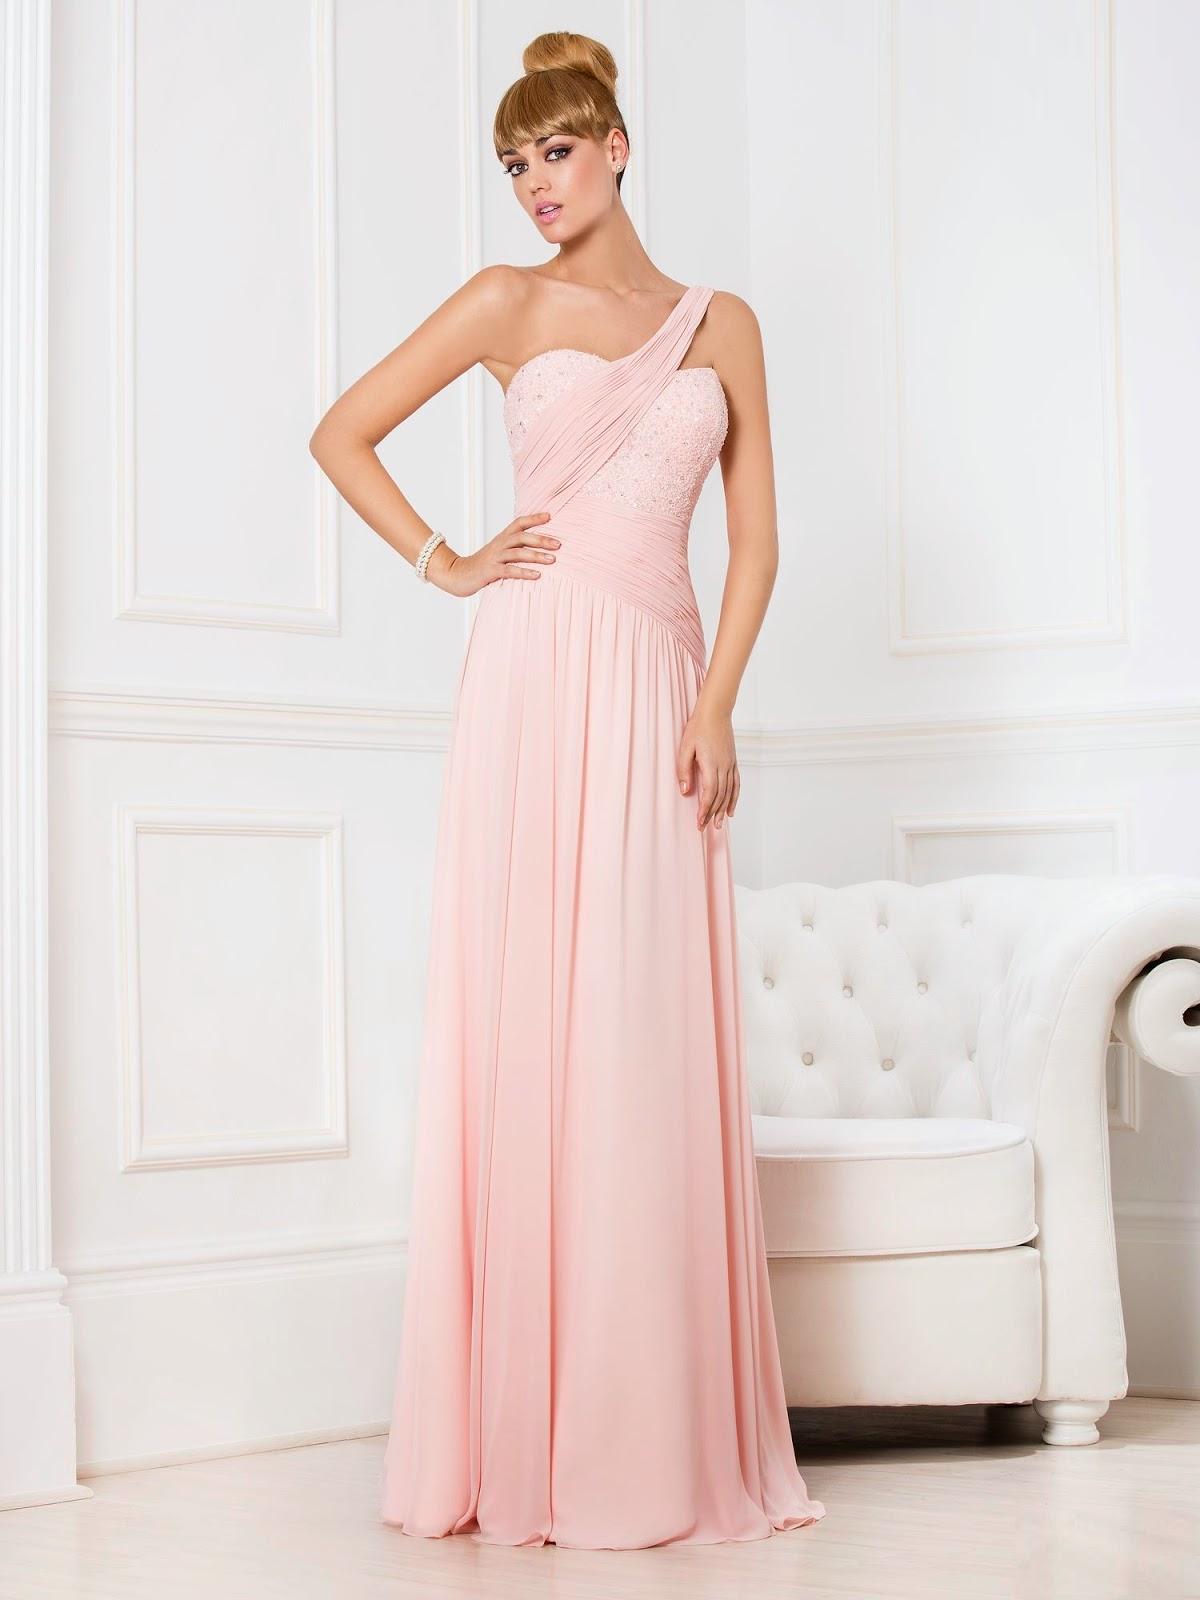 Color de vestido para boda civil de dia